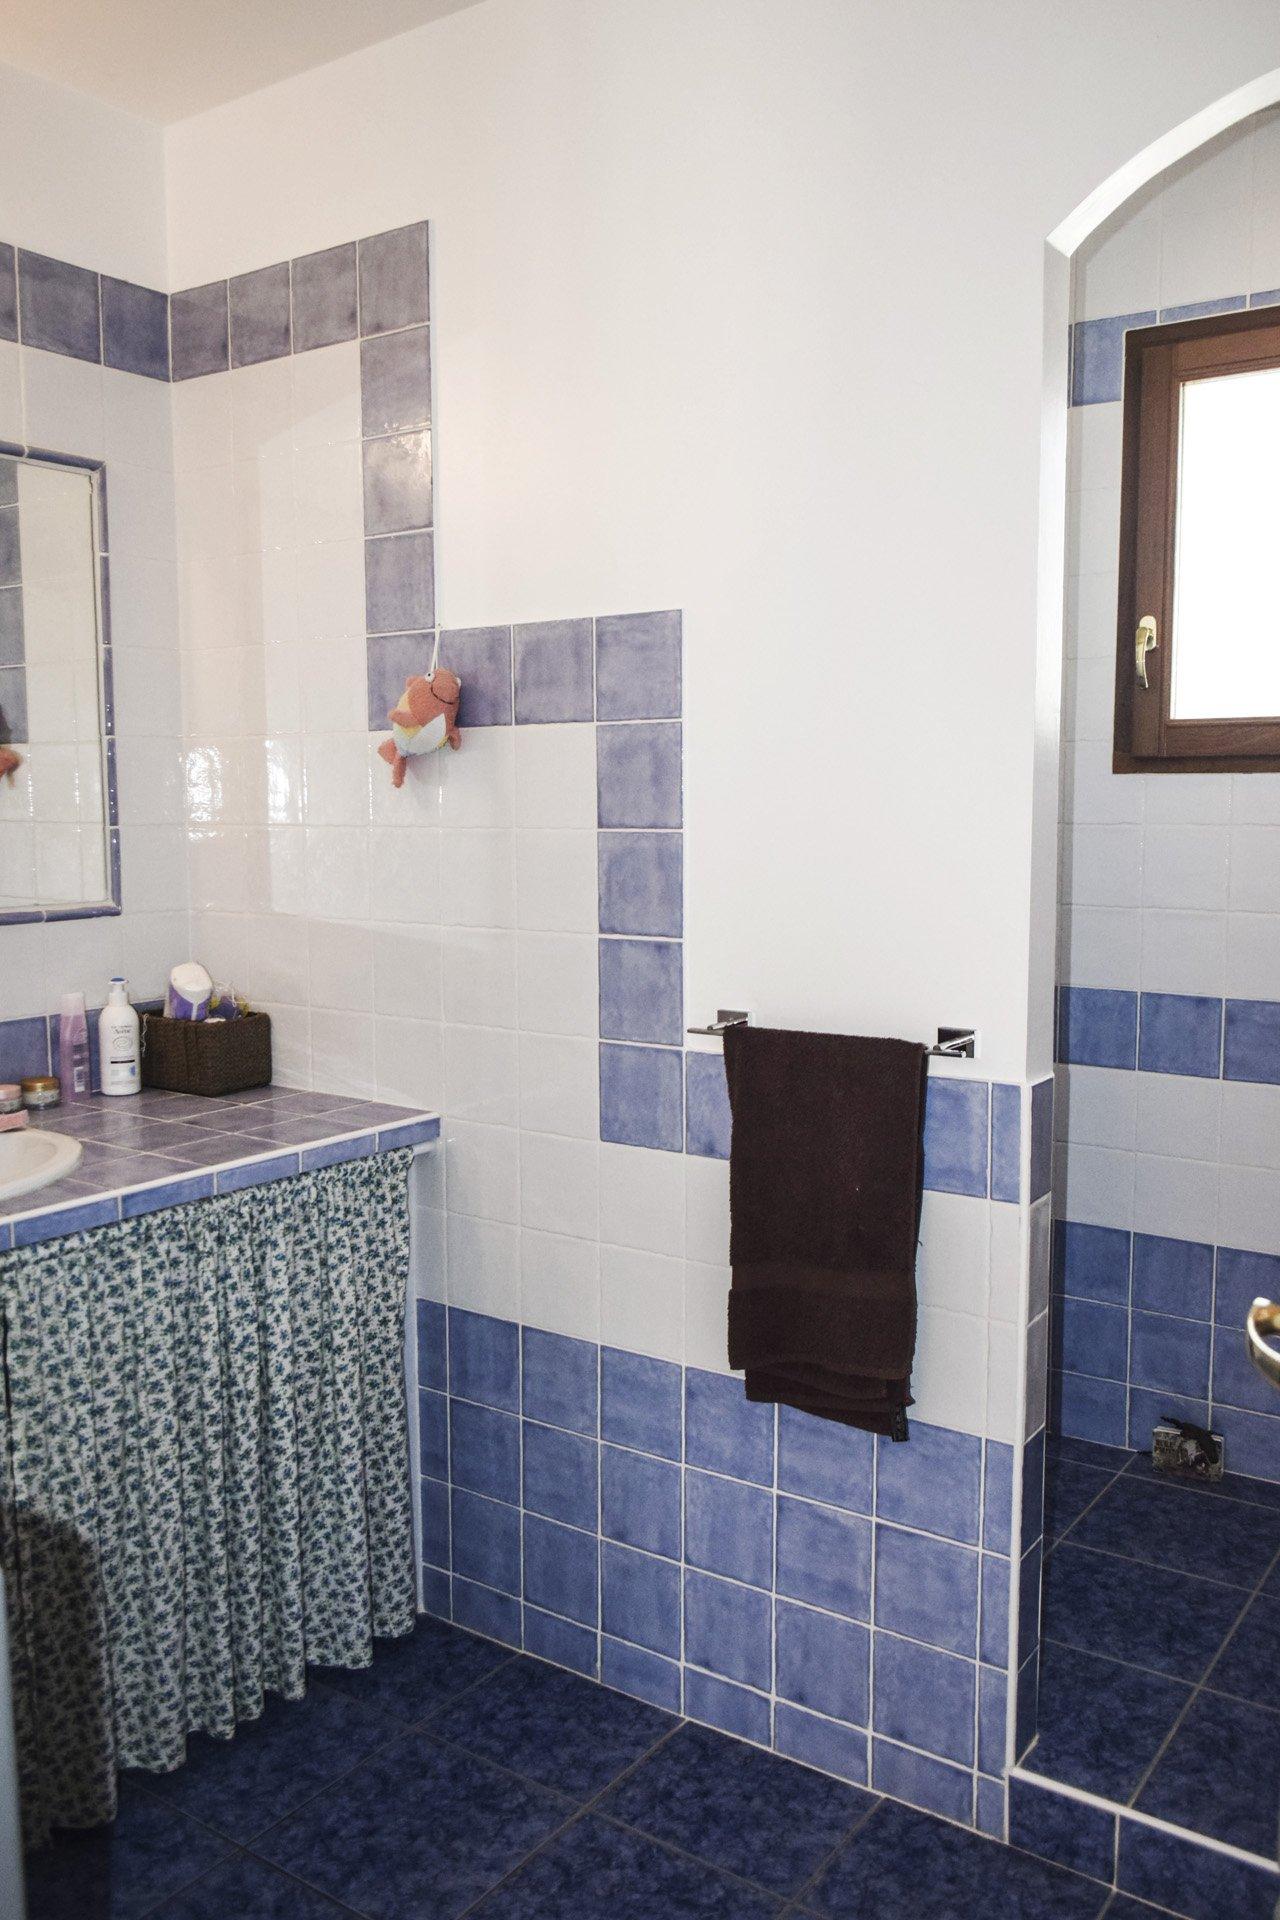 salle d'eau de la villa récente 5 chambres, piscine, appartement indépendant, moissac bellevue, var provence